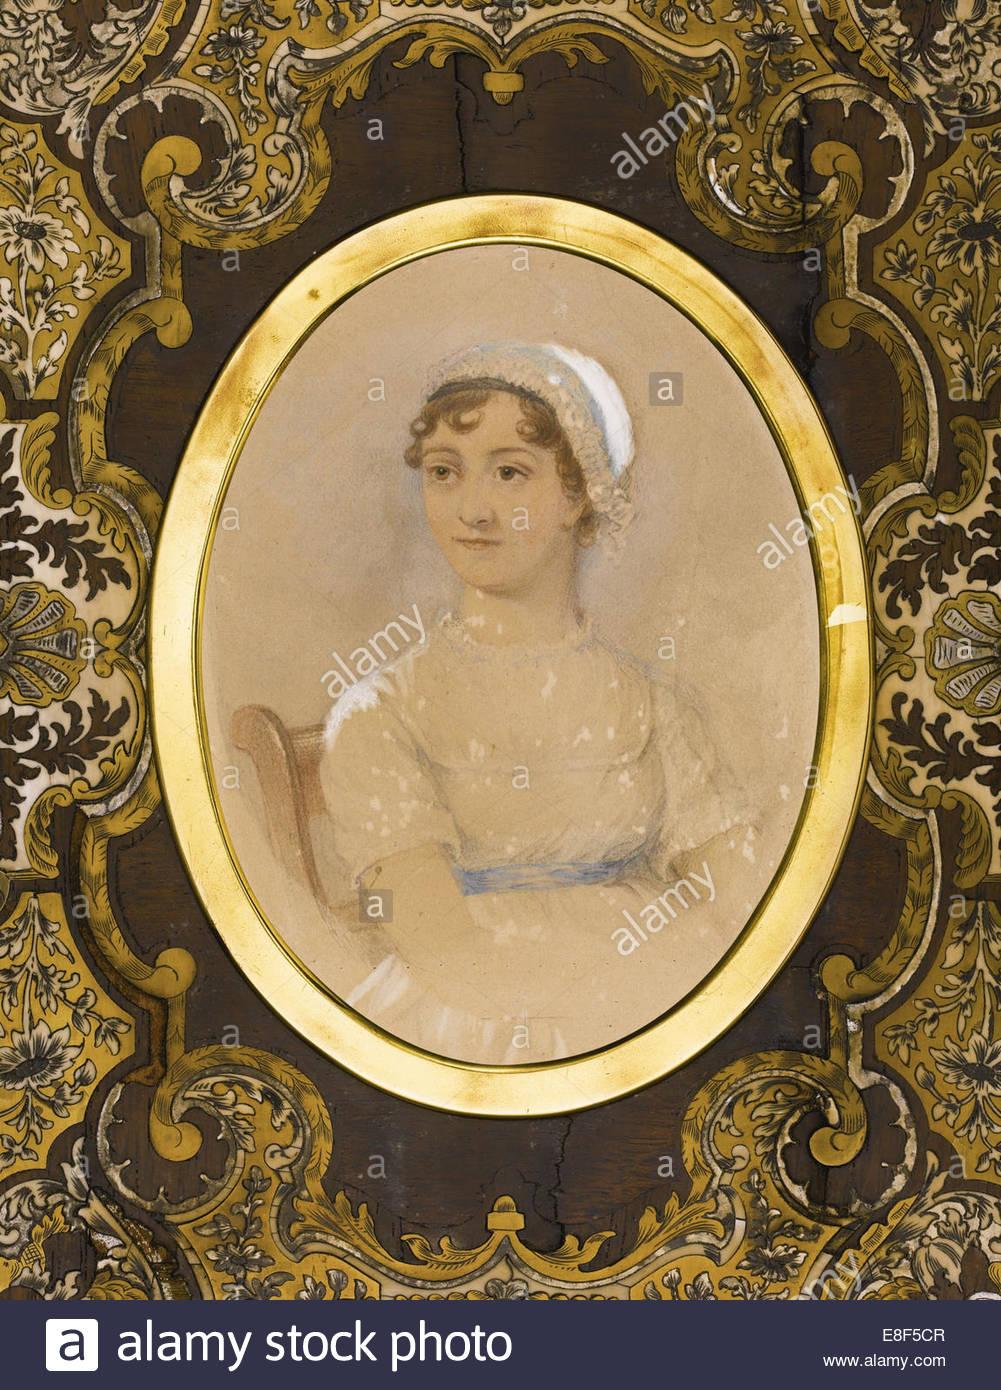 Retrato de Jane Austen (1775-1817). Artista: ANDREWS, JAMES (activo 19 cen). Imagen De Stock